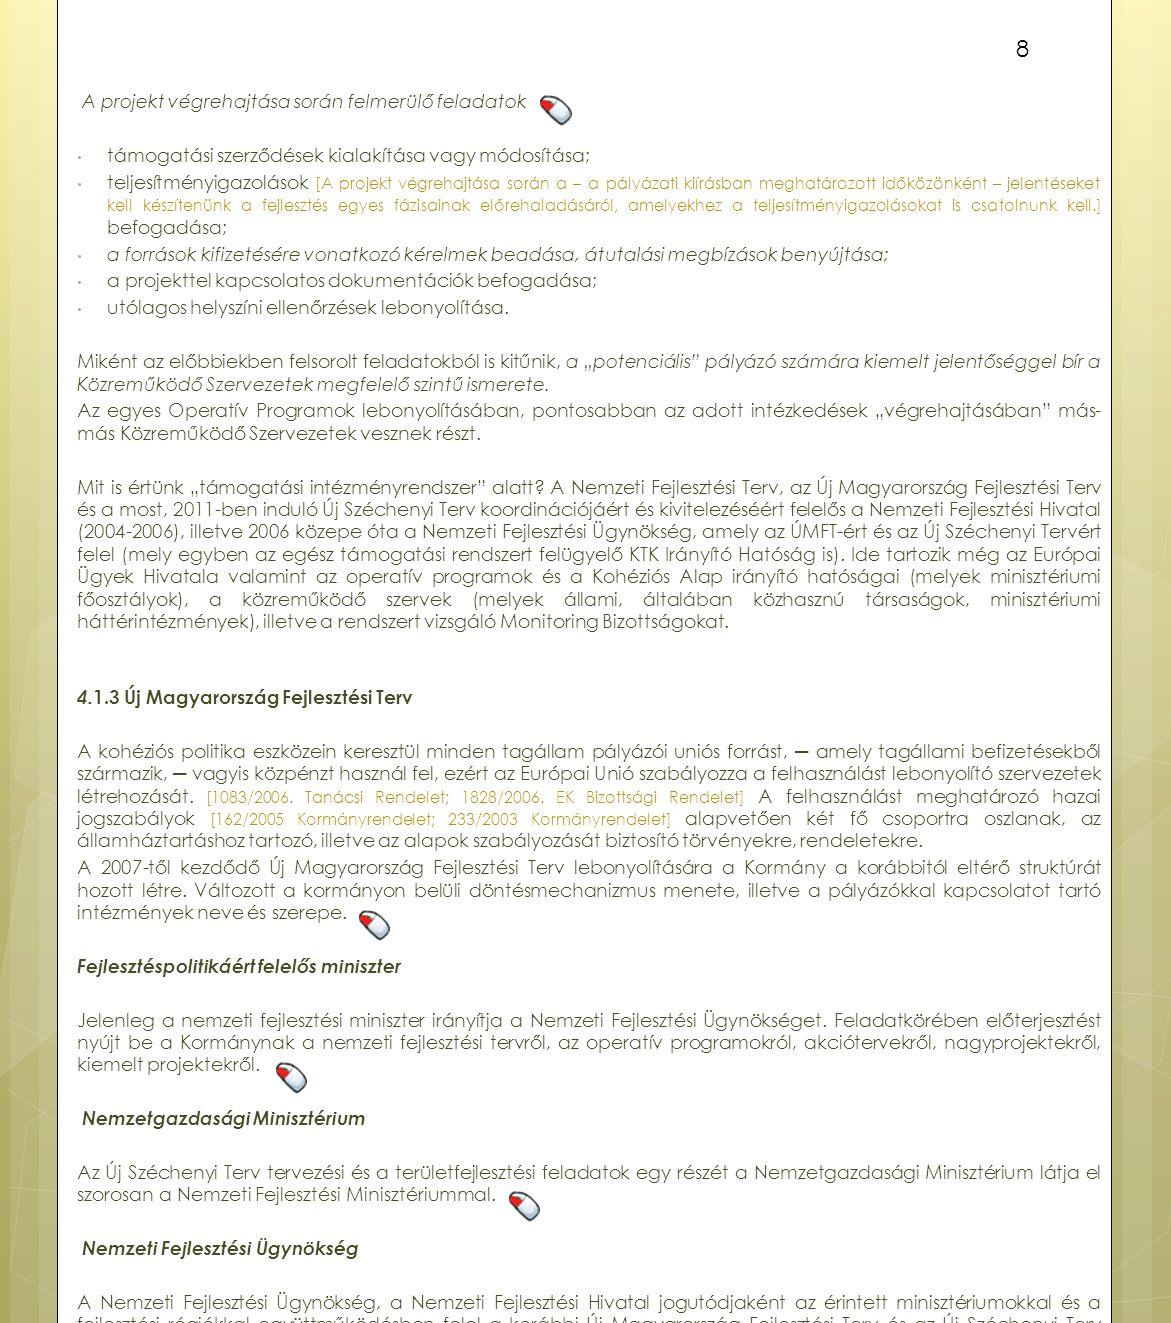 A projekt végrehajtása során felmerülő feladatok